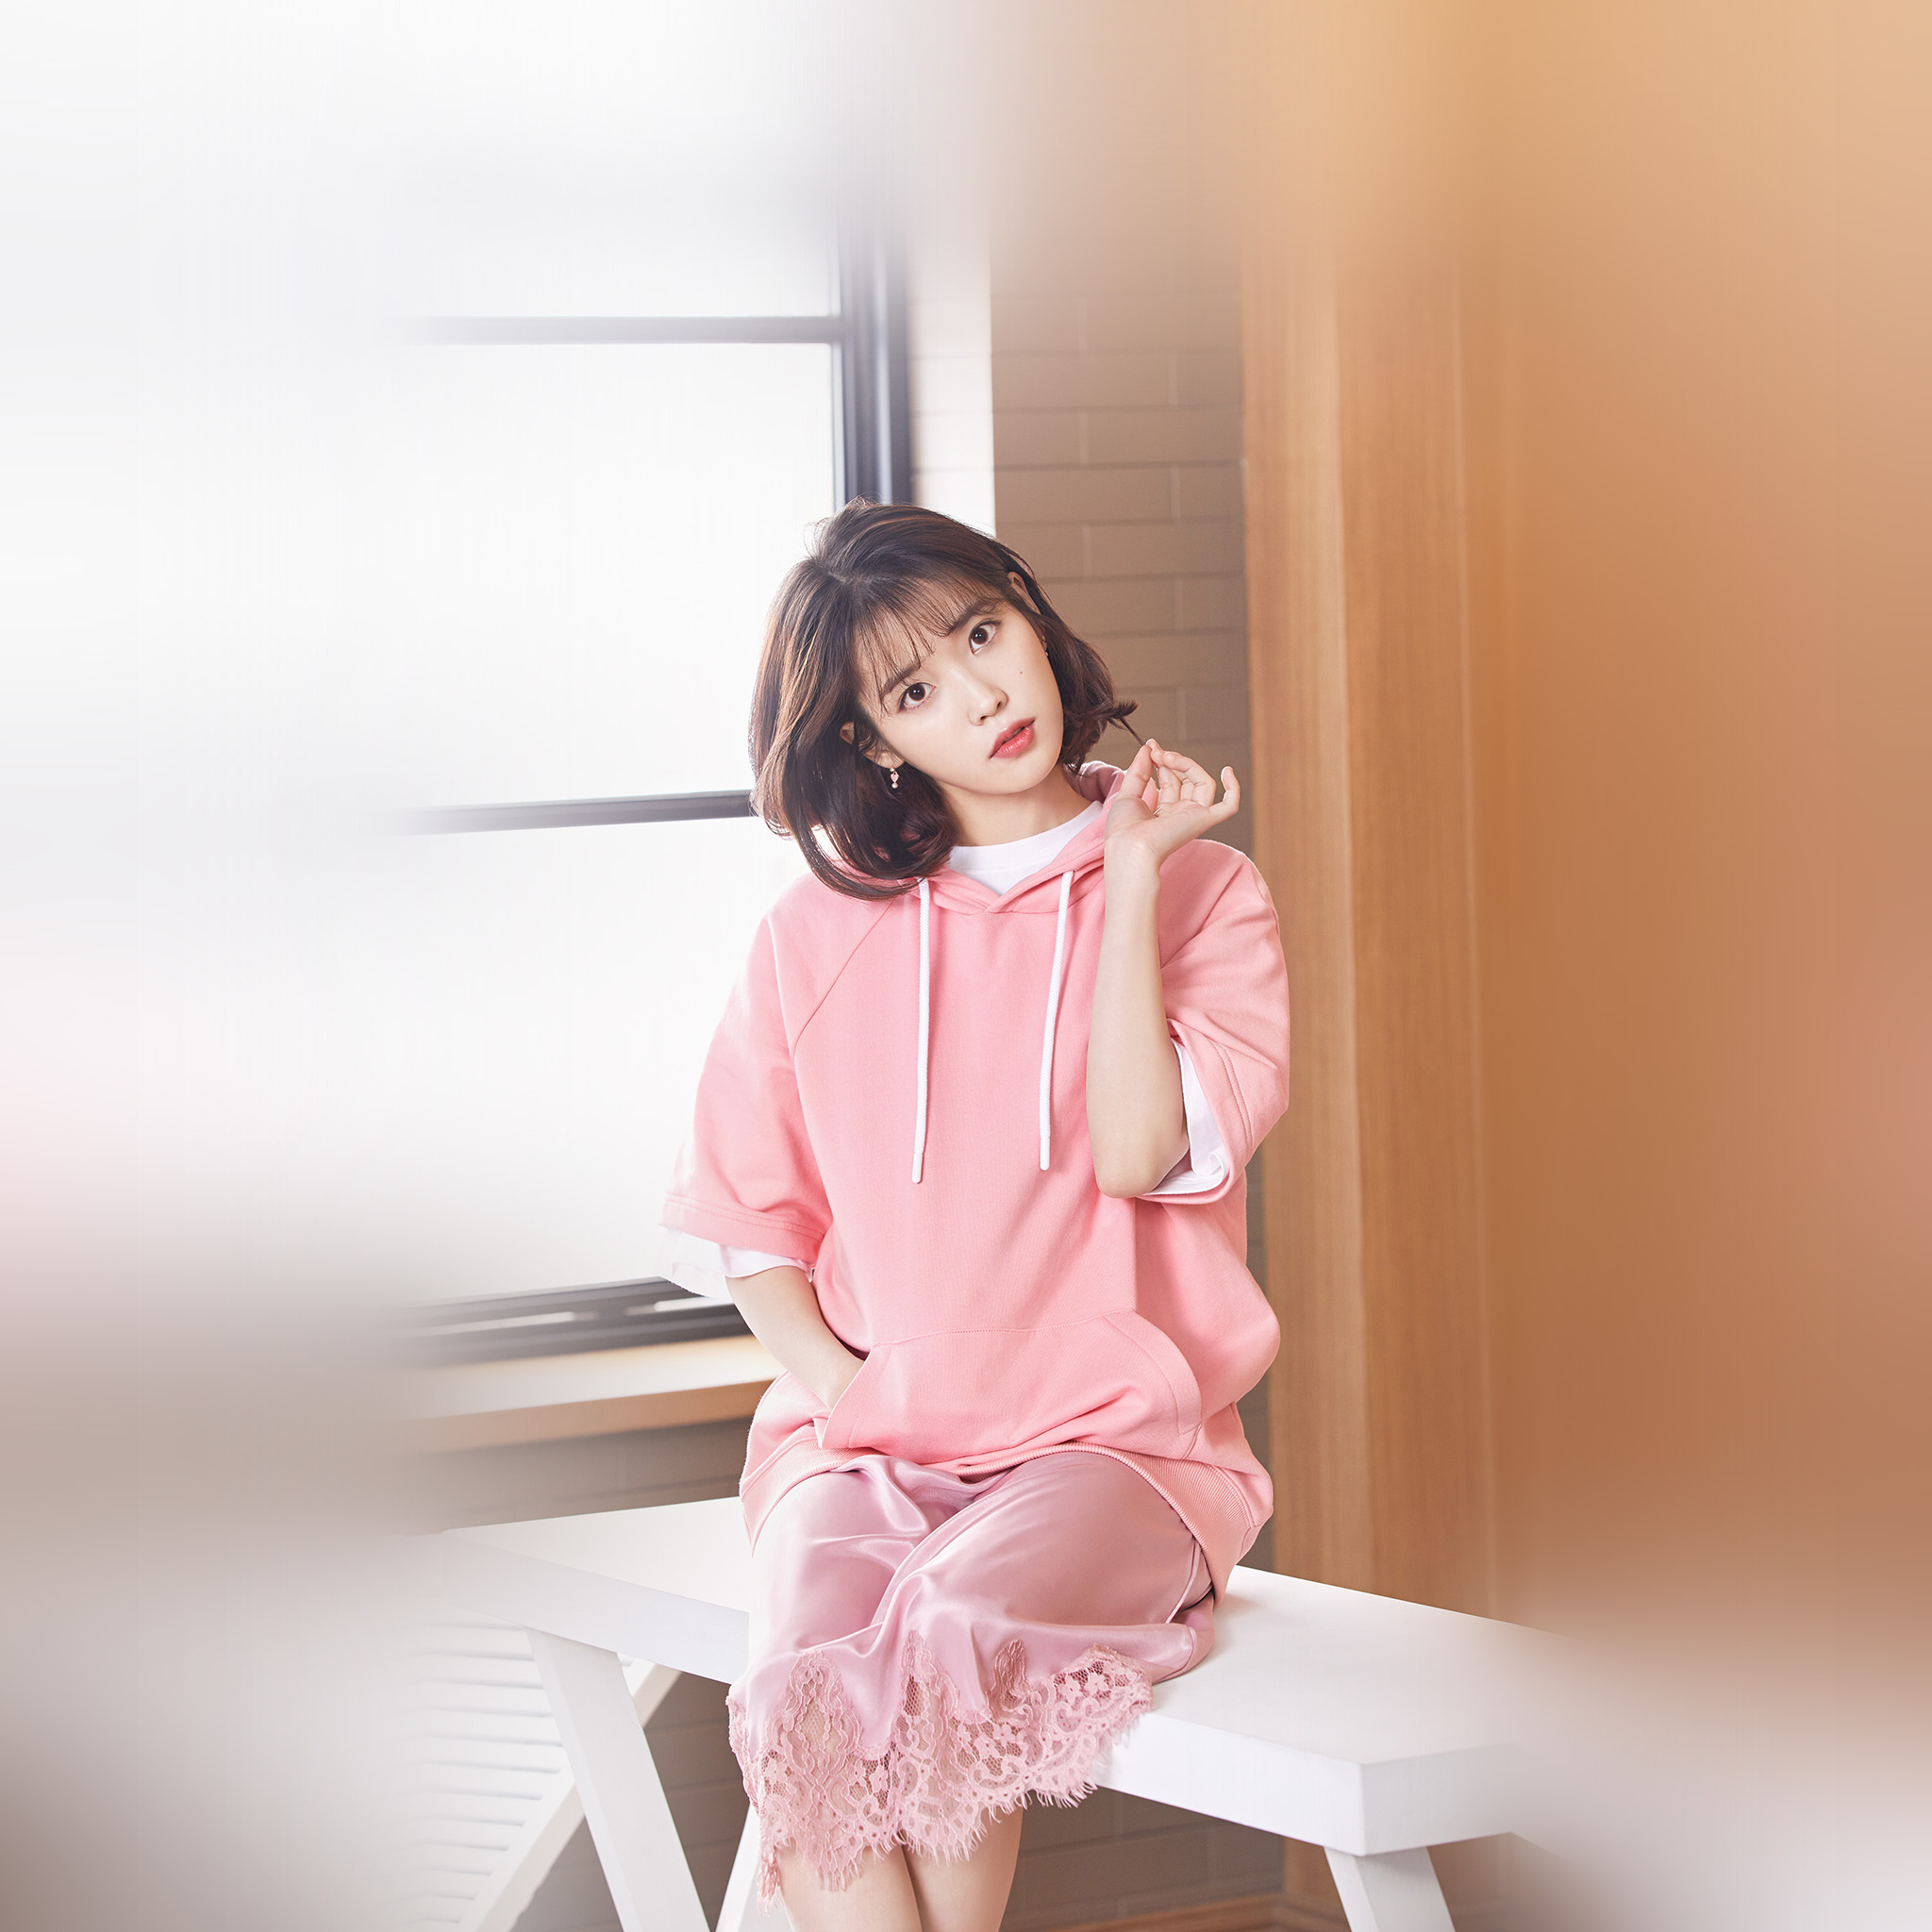 Imac Girl Wallpaper Hq31 Iu Girl Pink Kpop Singer Asian Celebrity Music Wallpaper